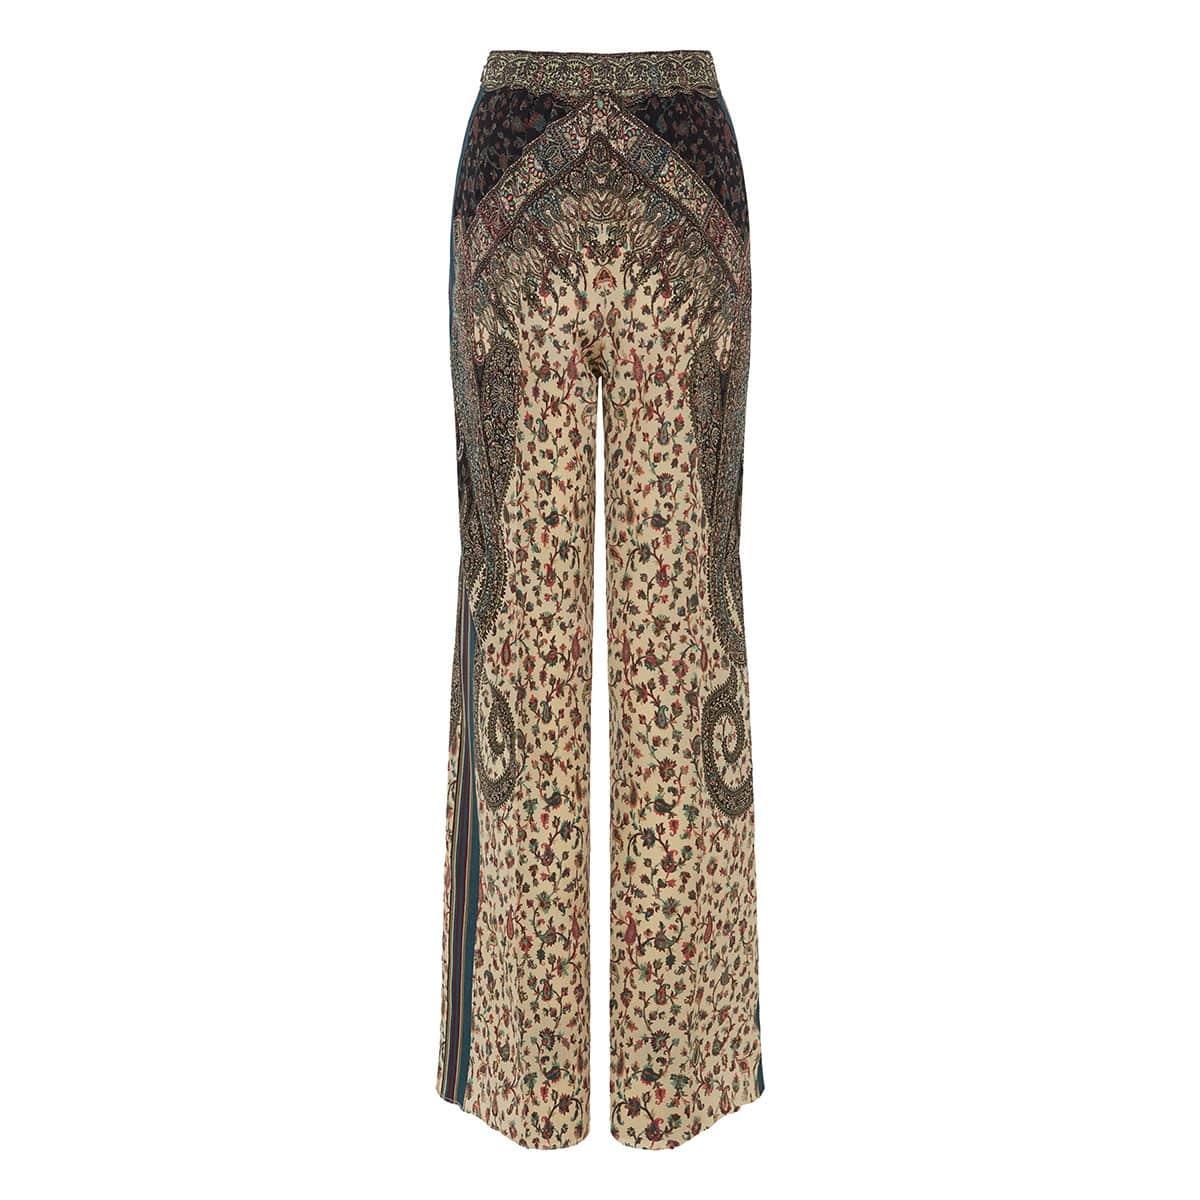 Devon paisley-print trousers